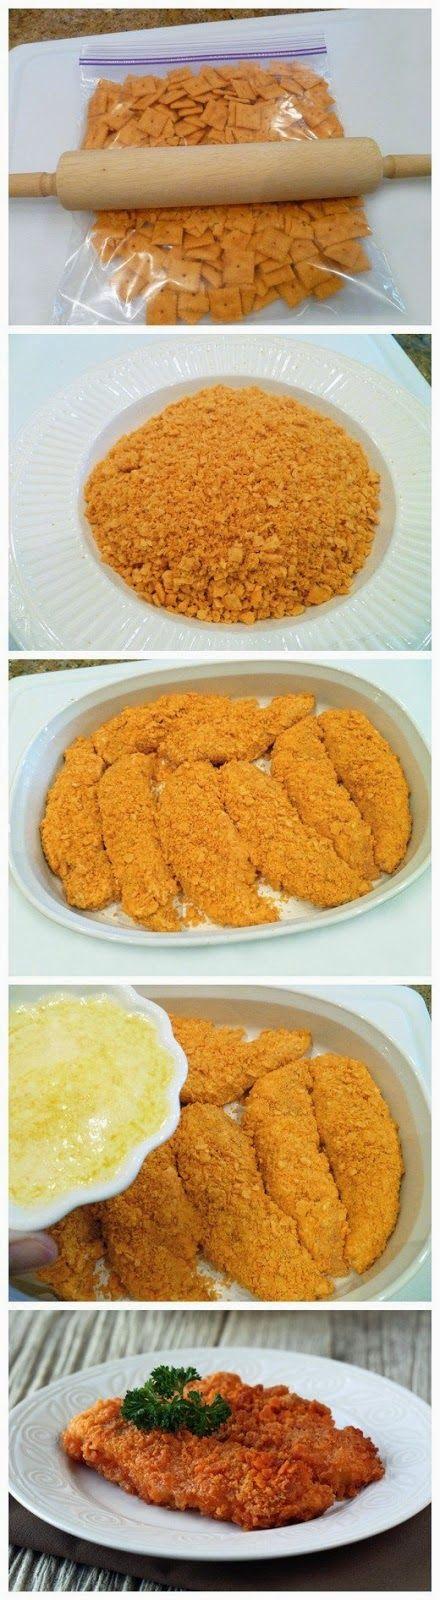 Cheez-It Chicken - Yummy Recipeez